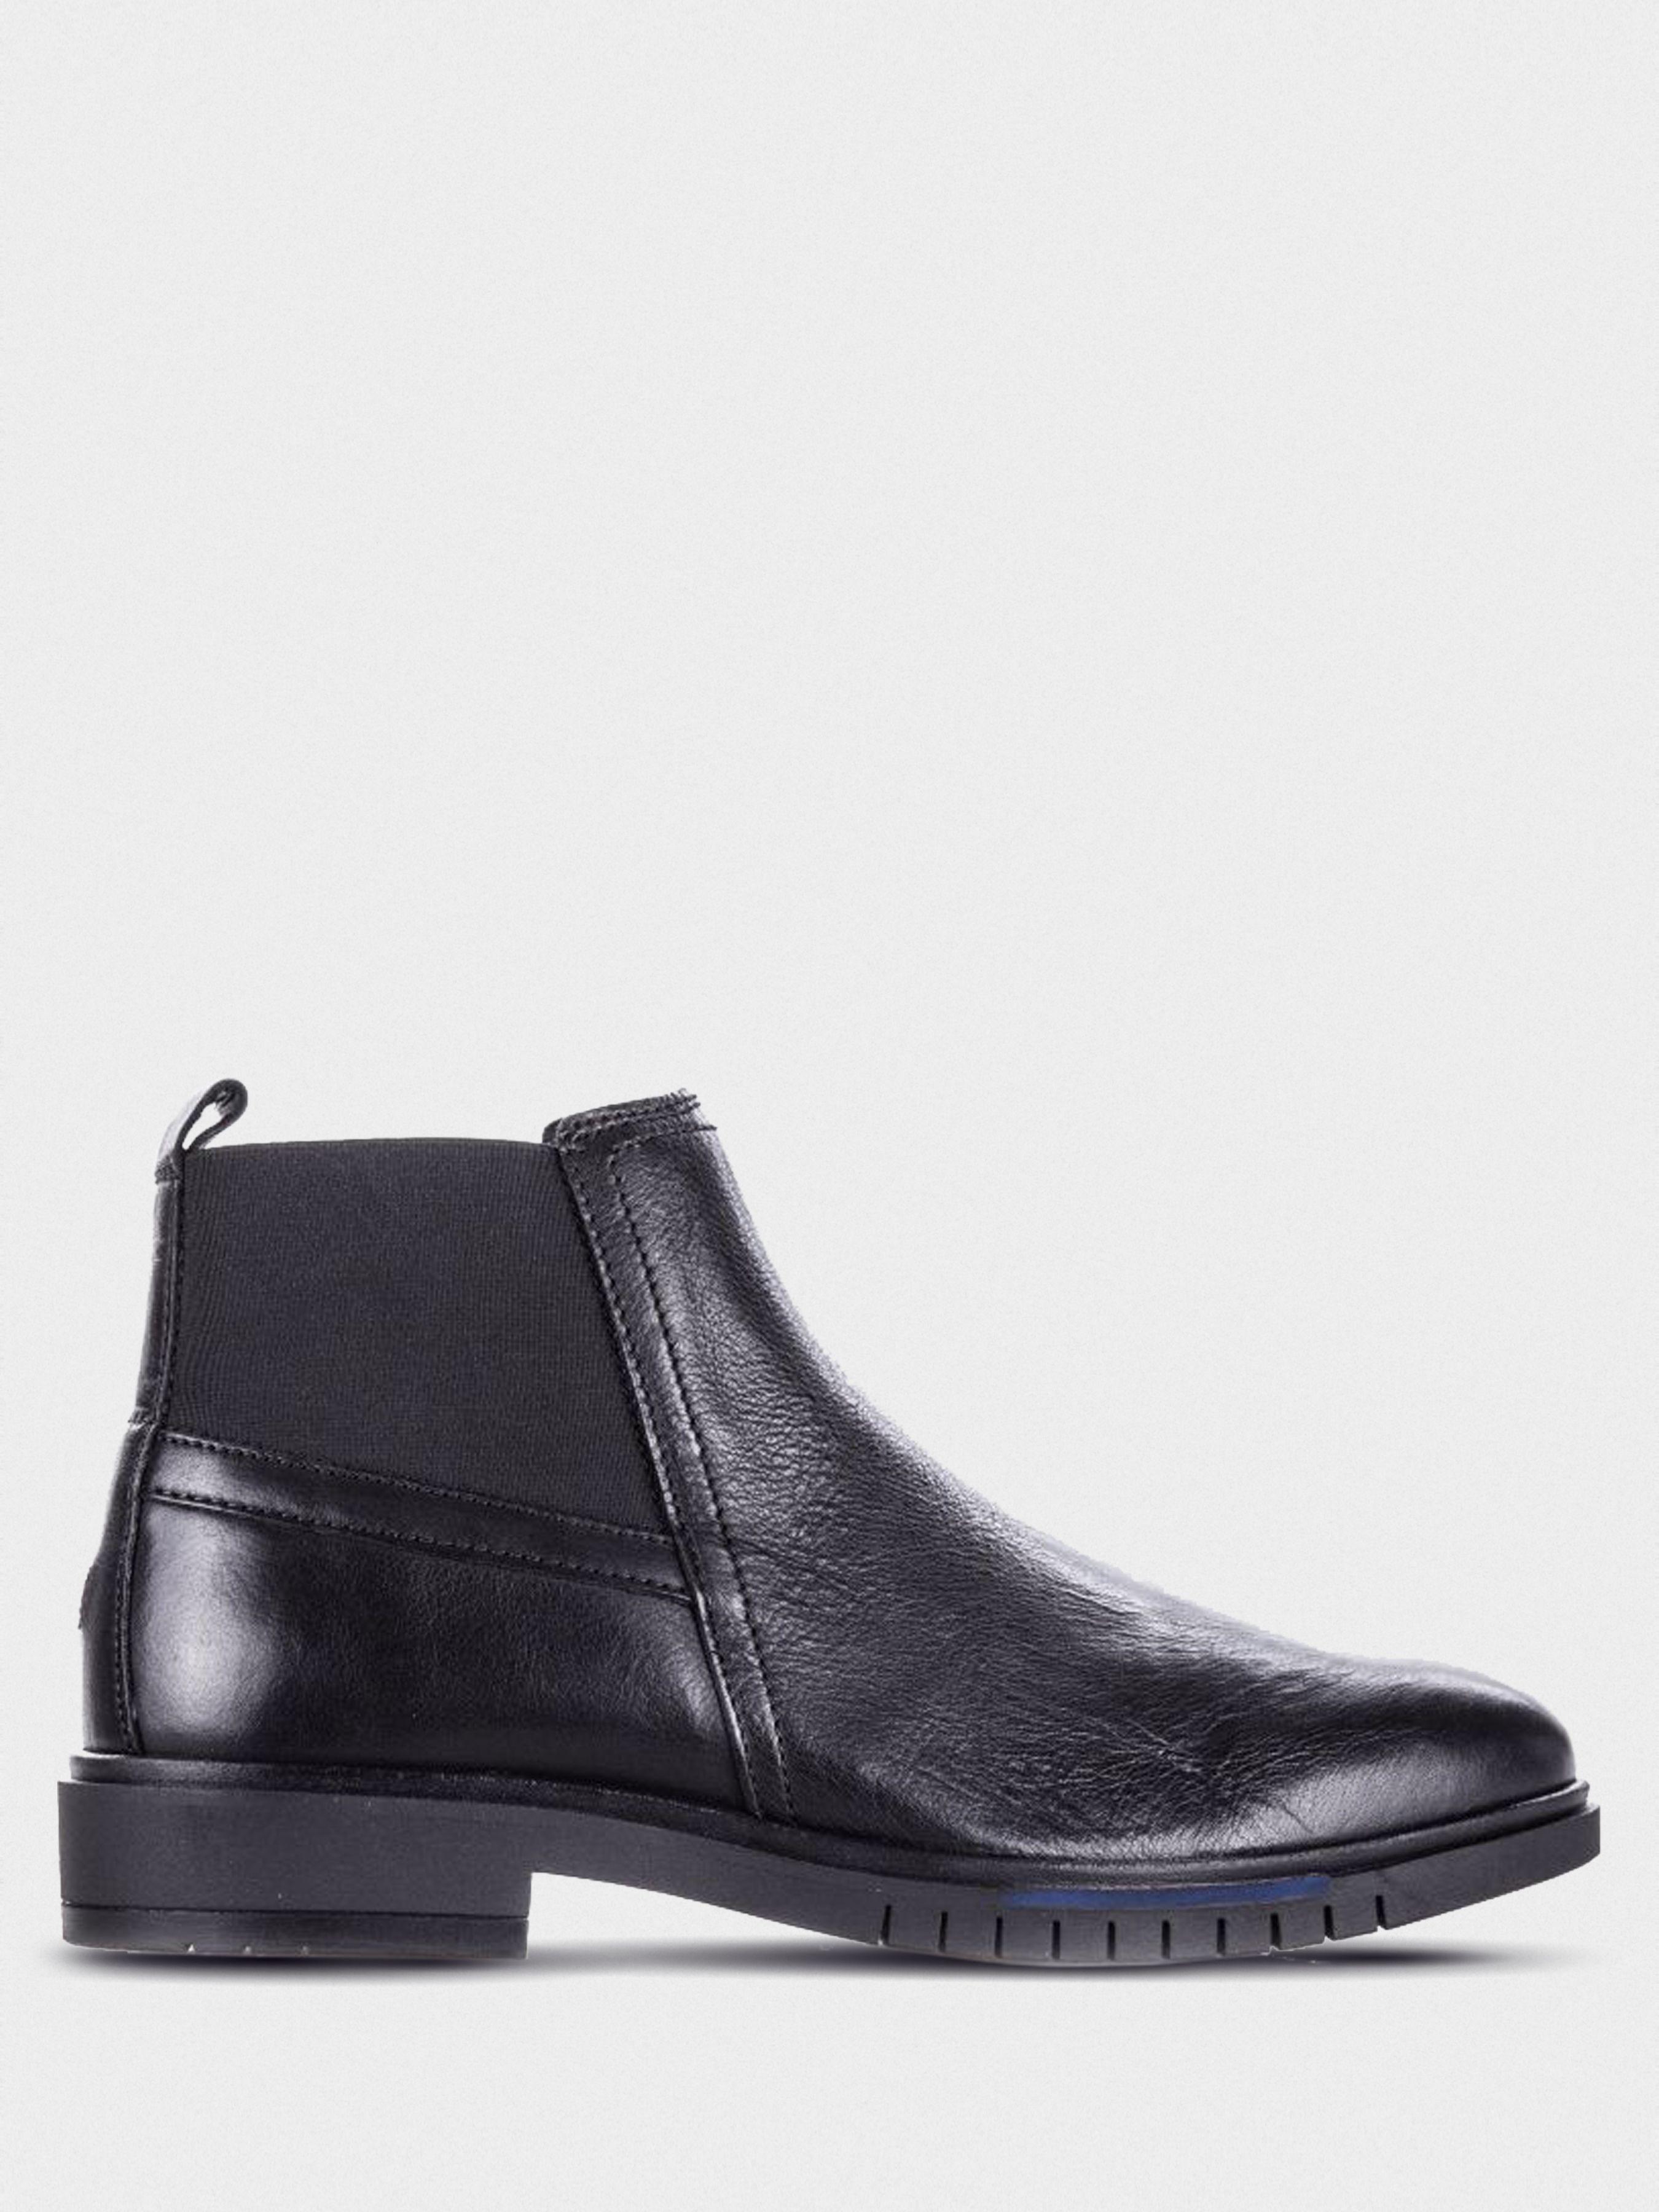 Купить Ботинки мужские Tommy Hilfiger TE798, Черный